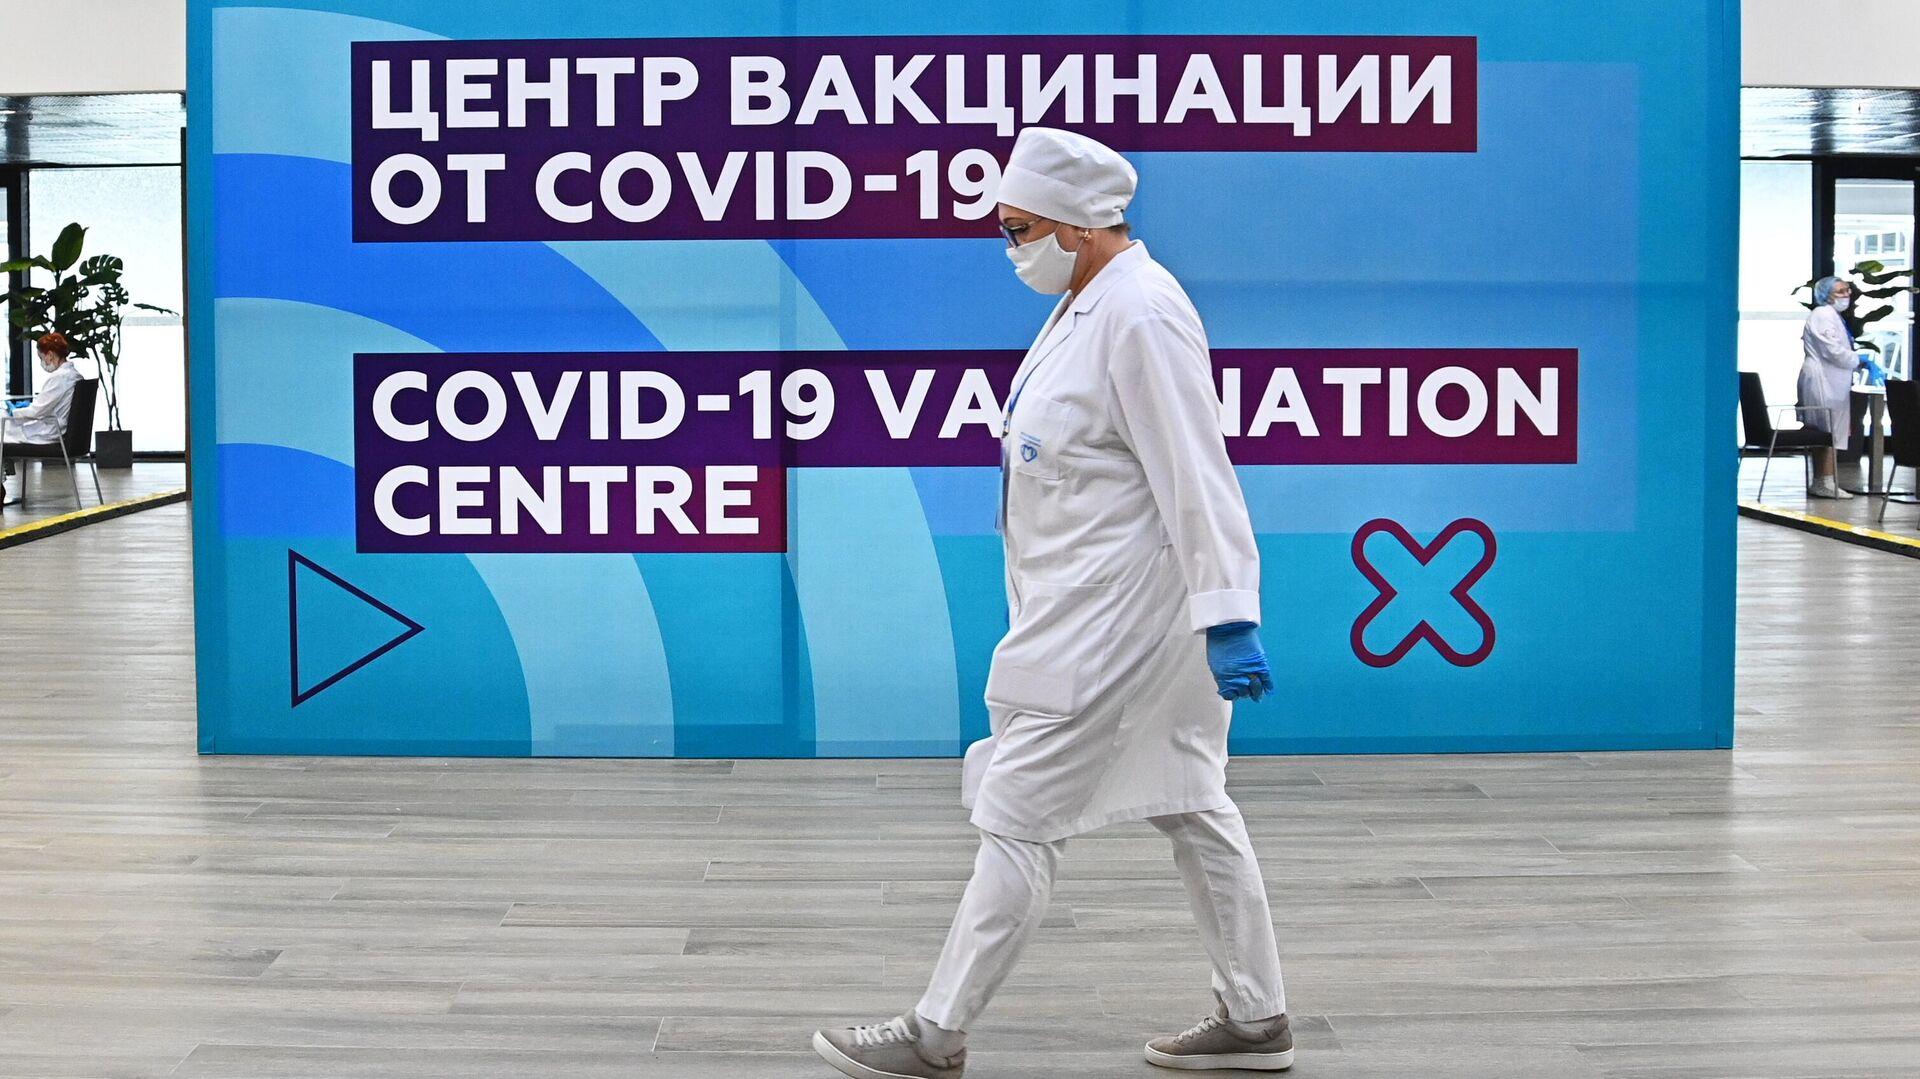 Медицинский сотрудник в центре вакцинации от COVID-19 на стадионе Лужники в Москве - РИА Новости, 1920, 17.07.2021